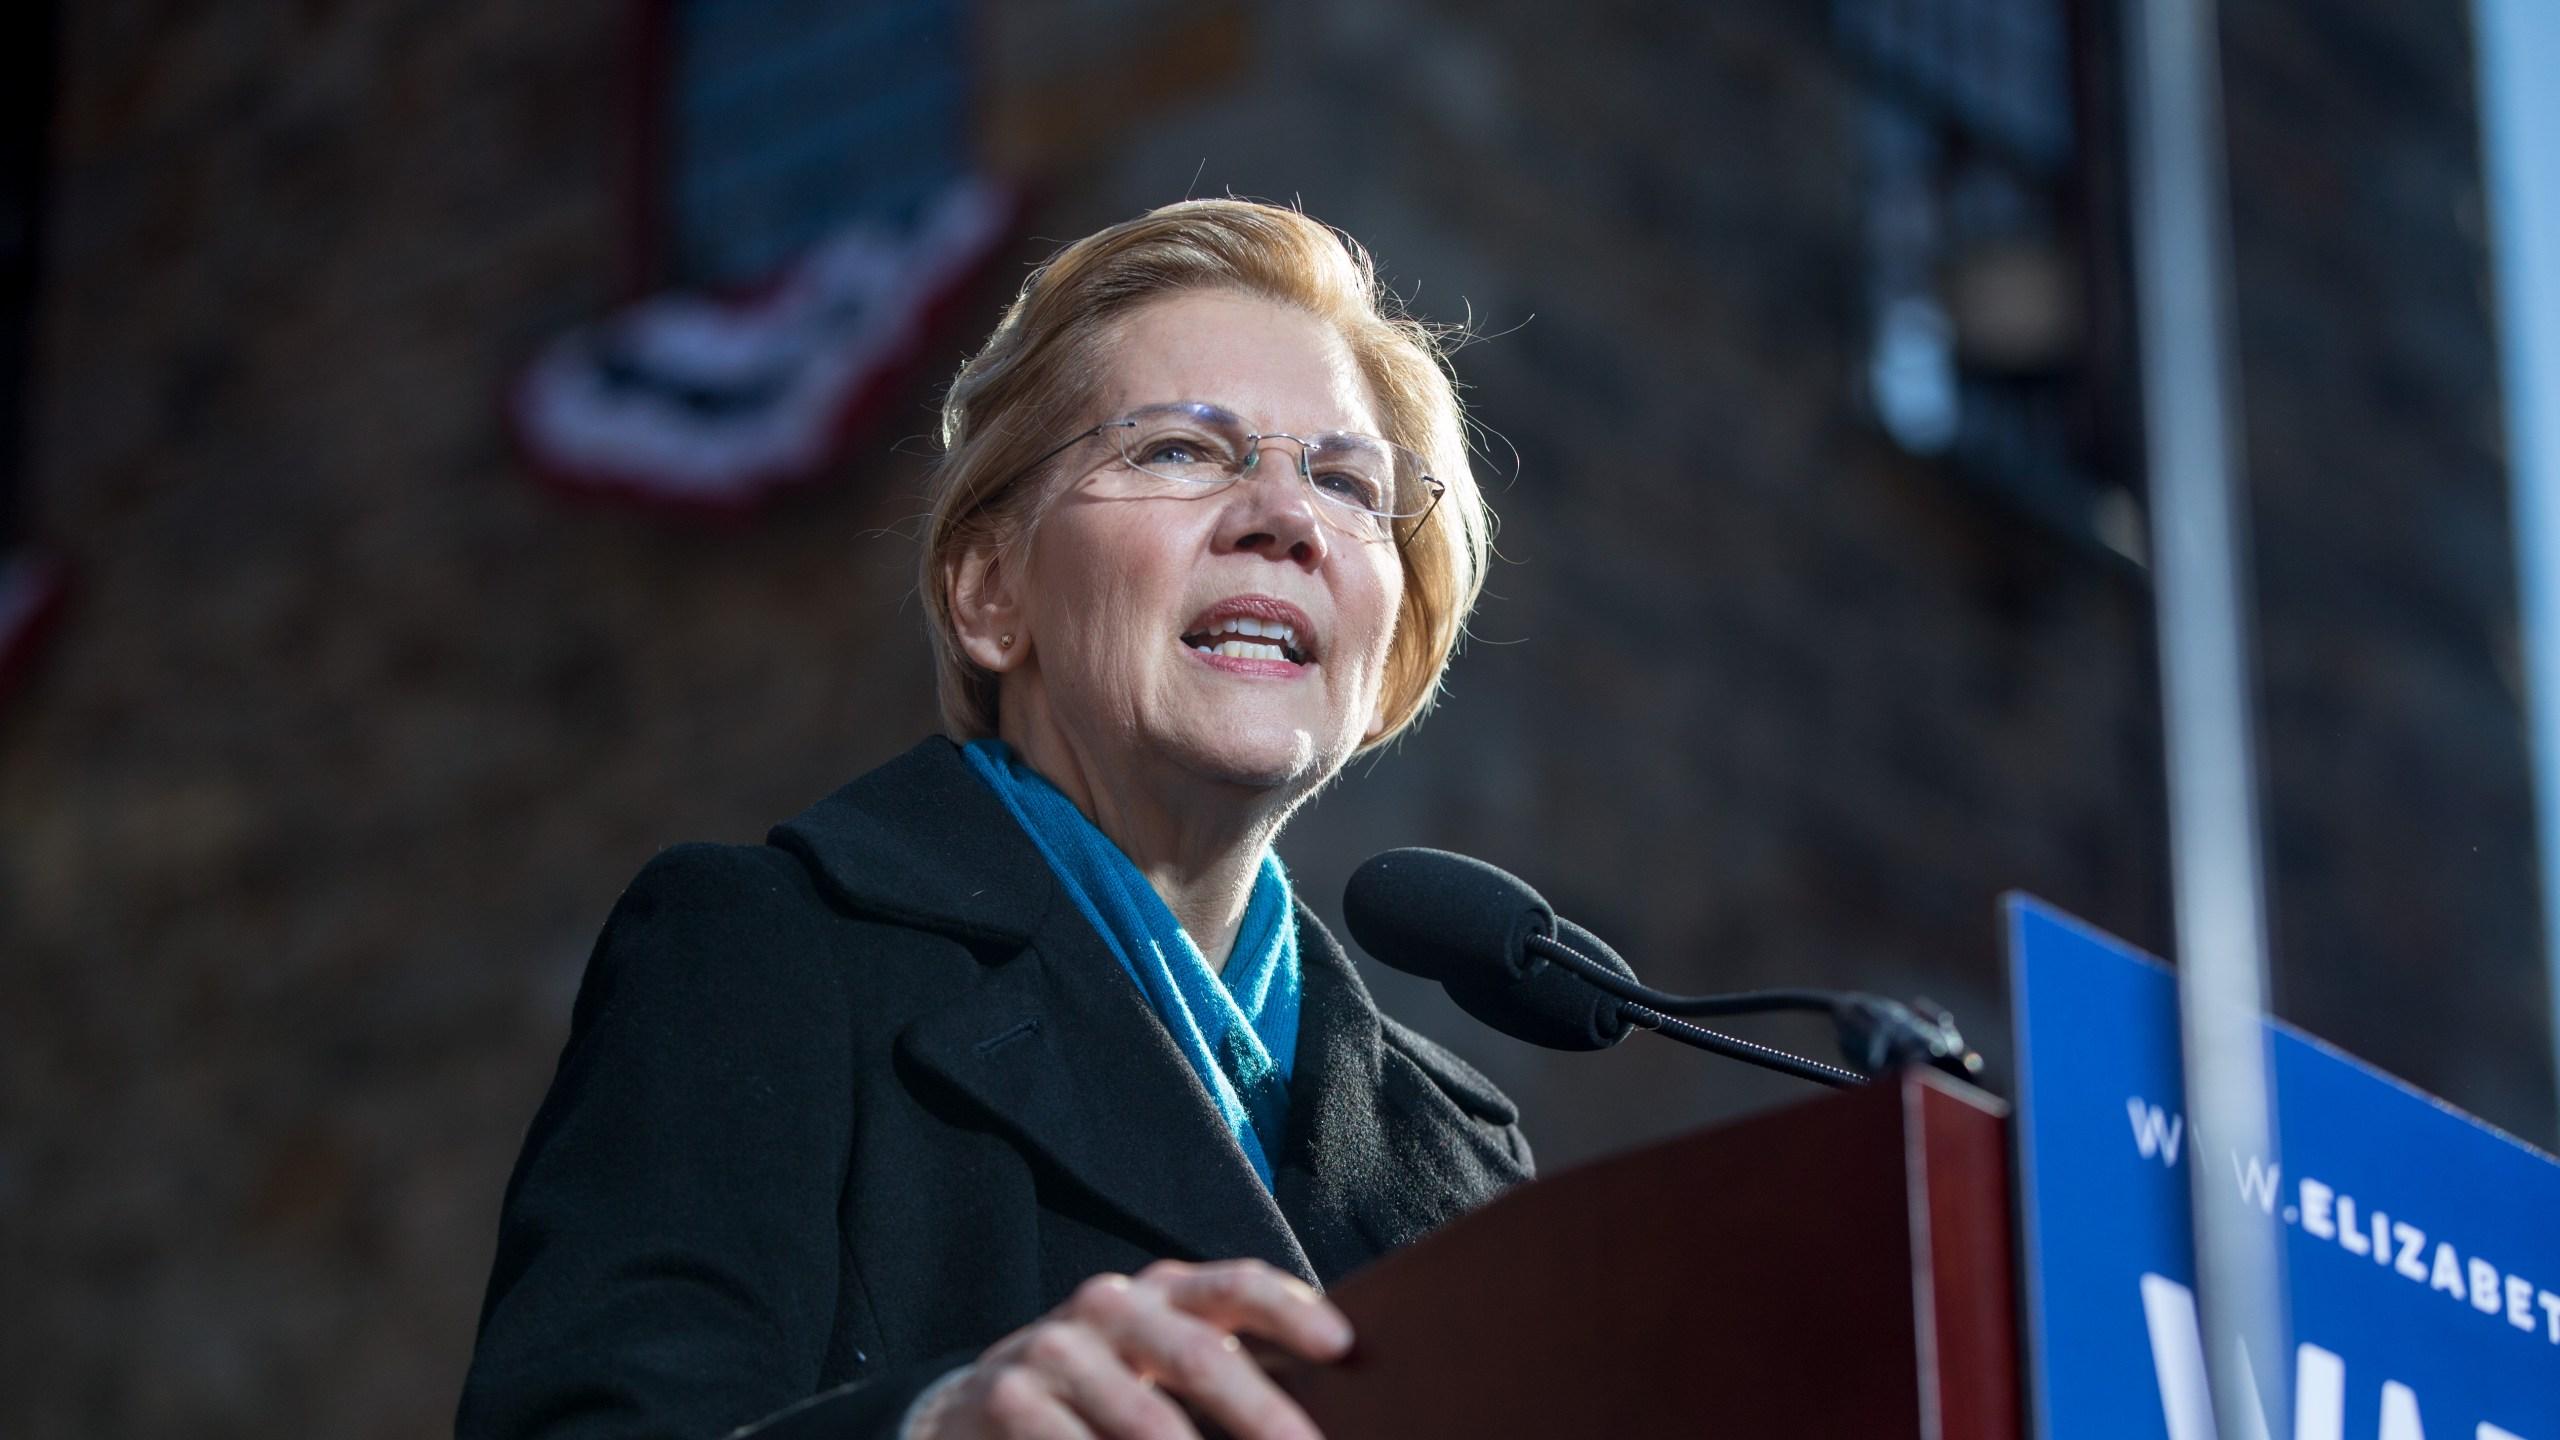 Sen. Elizabeth Warren (D-MA) announces her official bid for president on Feb. 9, 2019 in Lawrence, Massachusetts. (Credit: Scott Eisen/Getty Images)